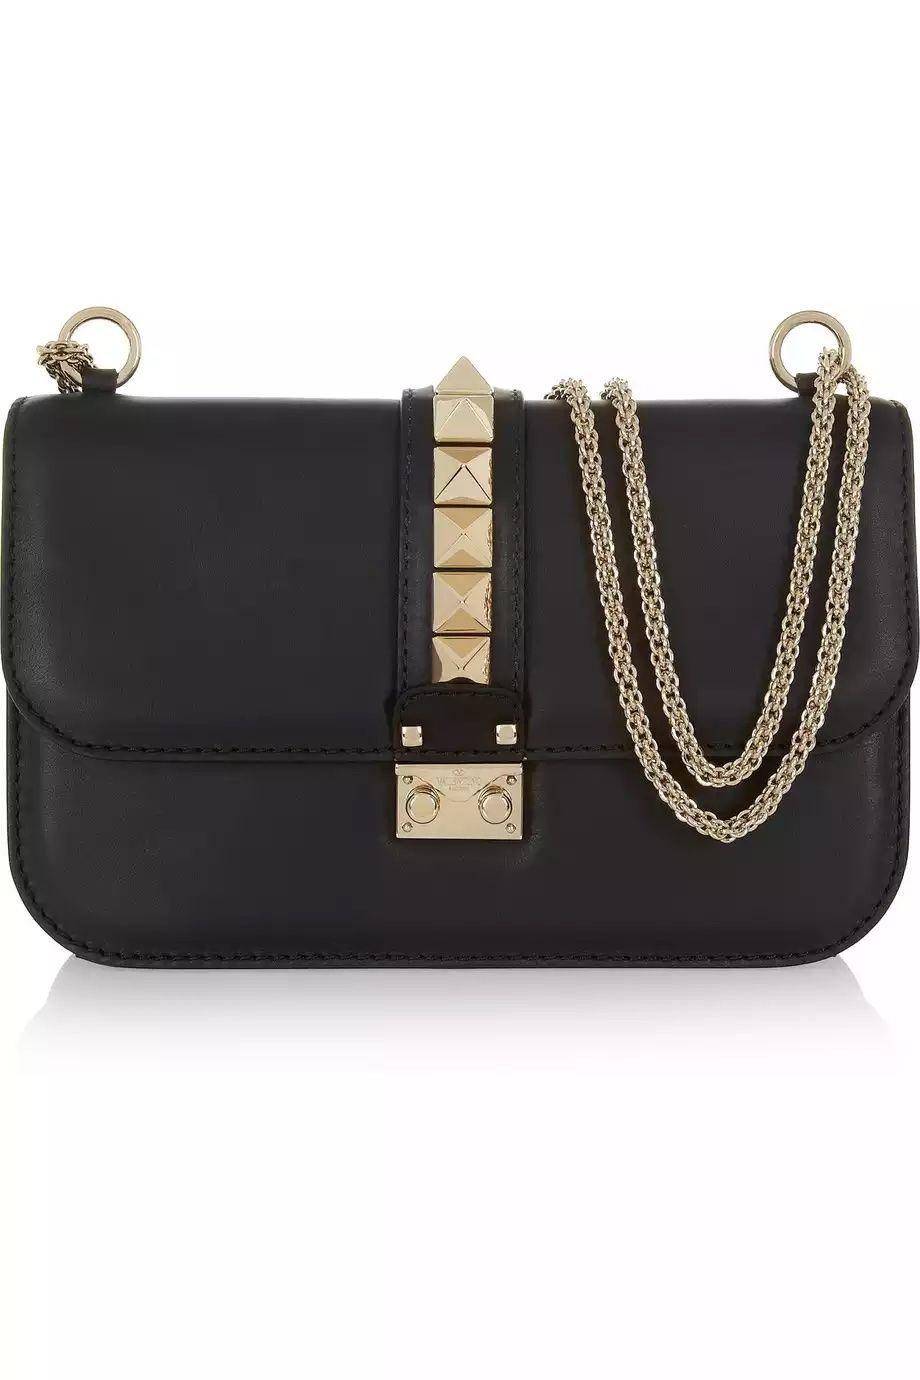 0447103e8e VALENTINO - Glam Lock Shoulder Bag